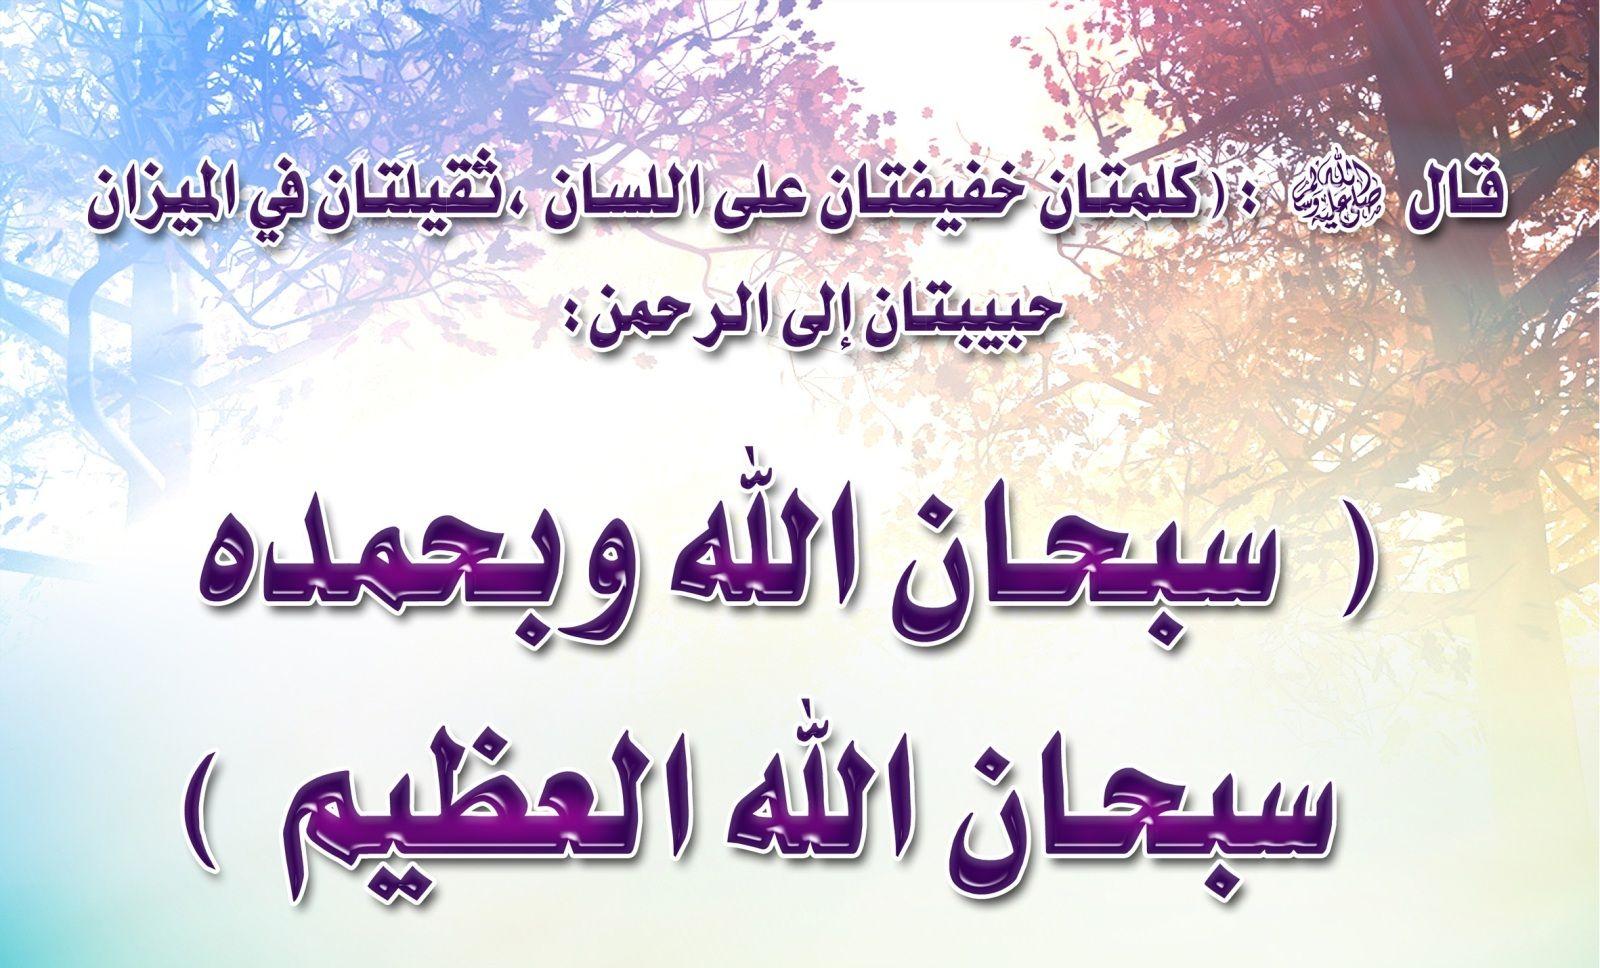 اجمل الصور الدينية اروع ما يقال فالجانب الدينى بالصور كلمات جميلة Quran Quotes Love Islamic Teachings Thank You Allah